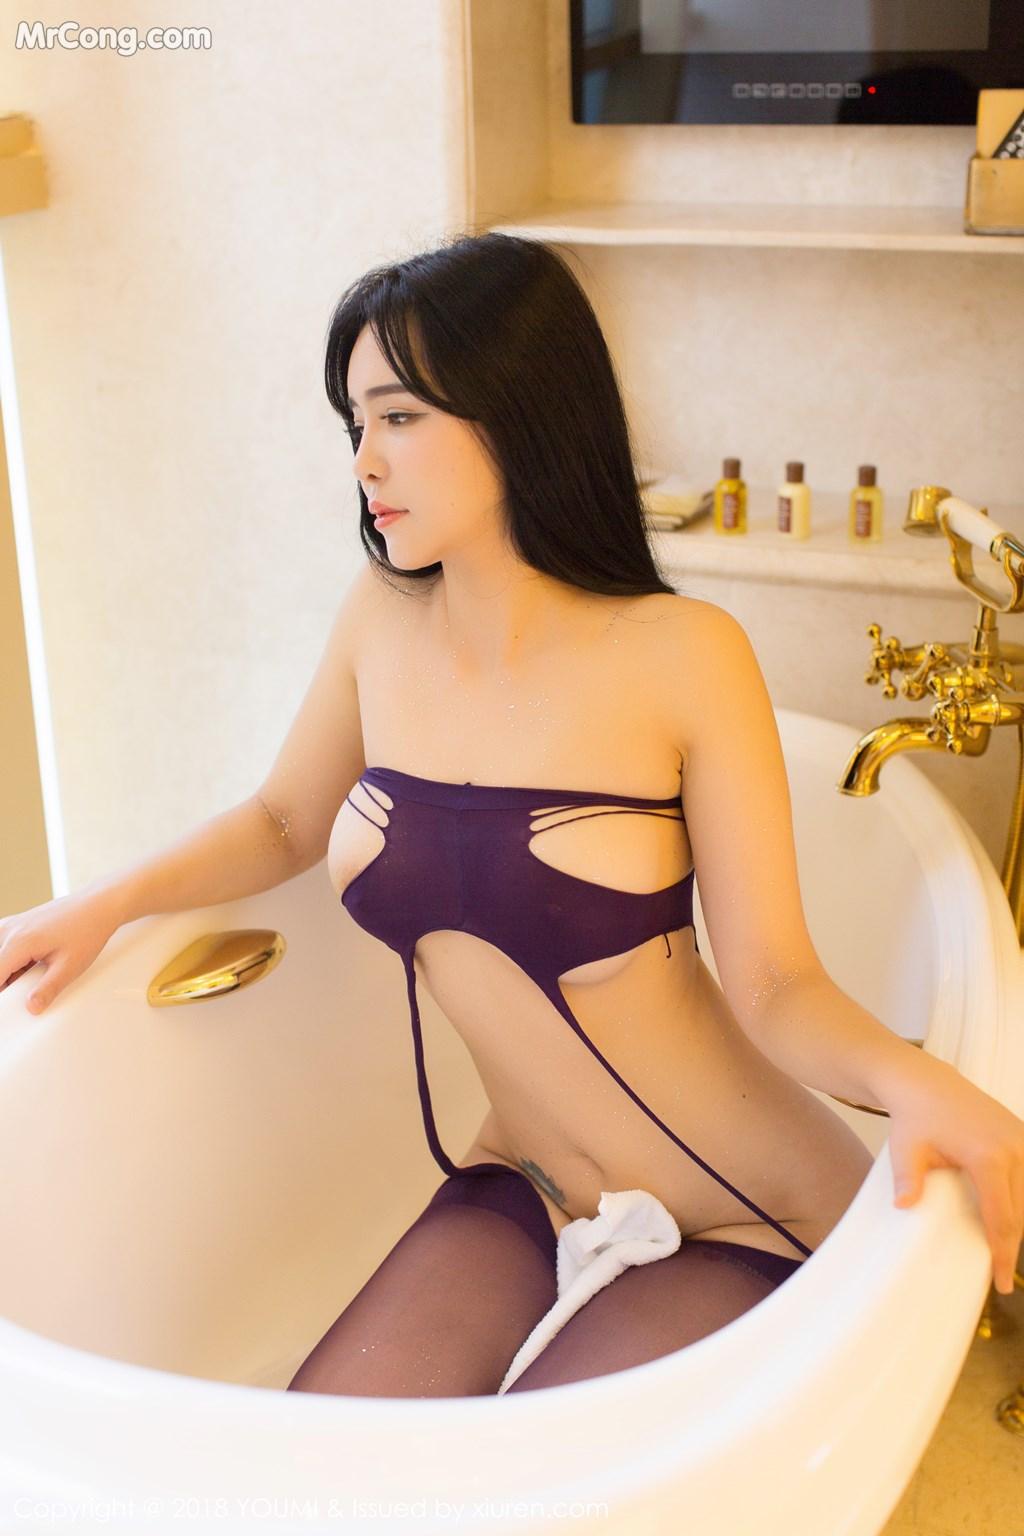 Image YouMi-Vol.124-Liu-Yu-Er-MrCong.com-028 in post YouMi Vol.124: Người mẫu Liu Yu Er (刘钰儿) (41 ảnh)